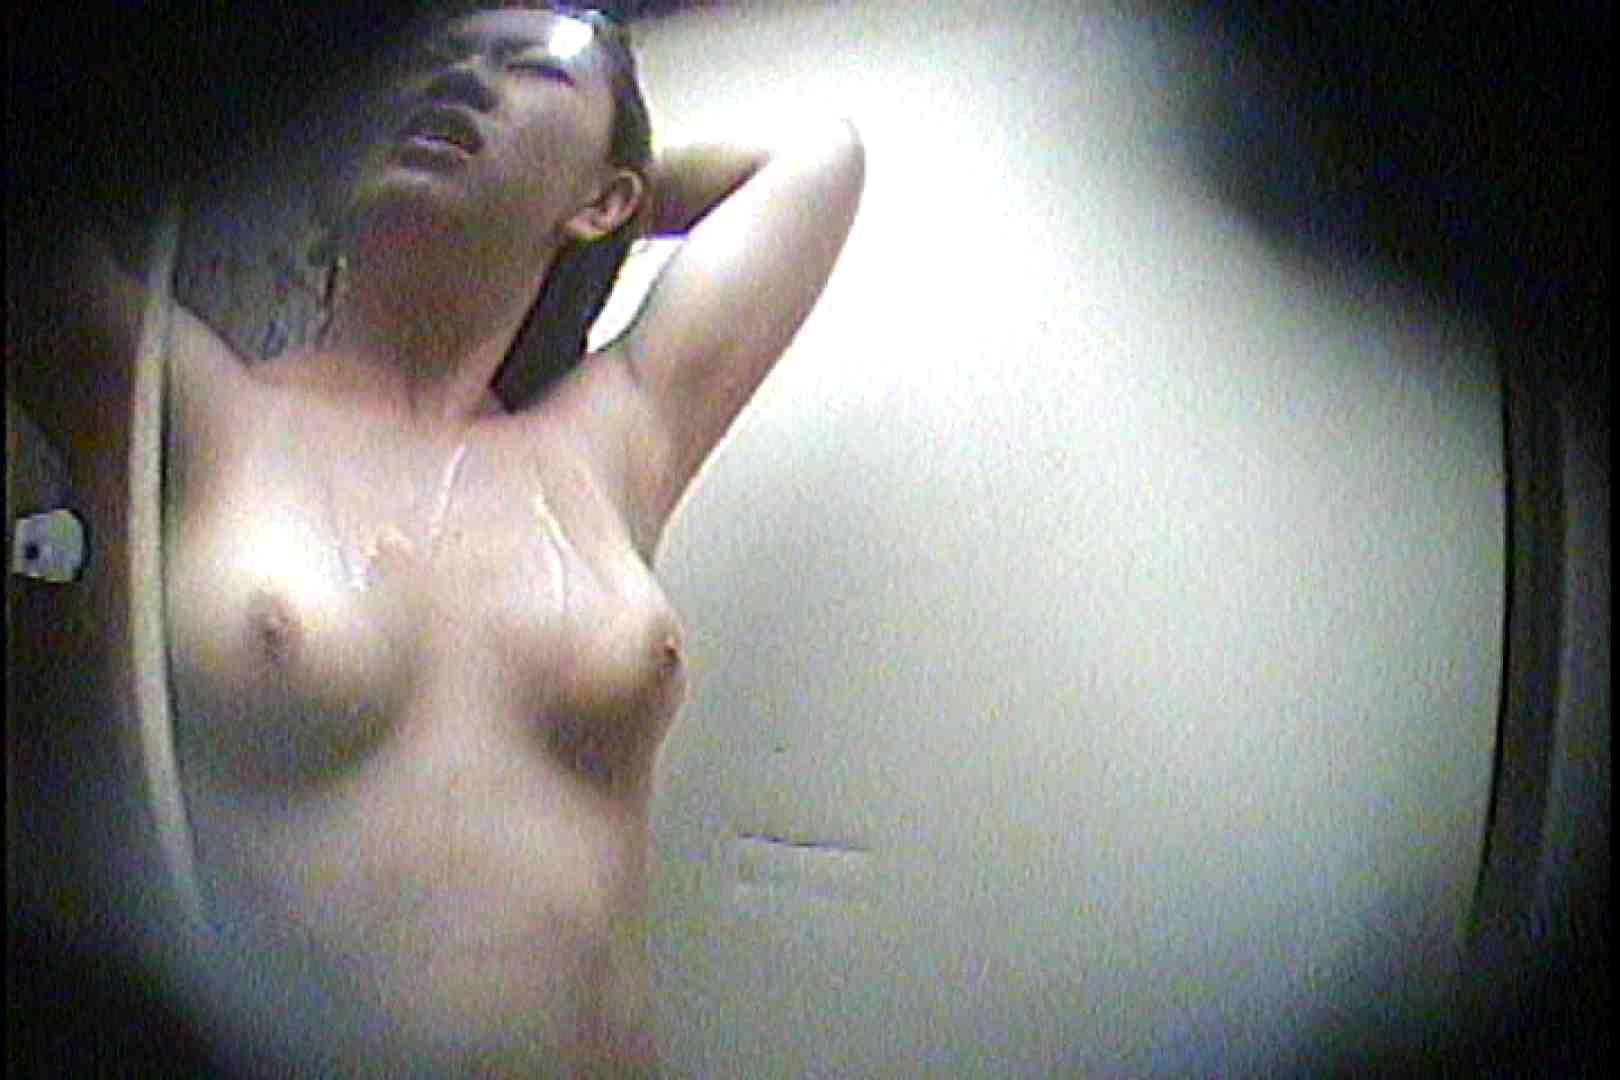 海の家の更衣室 Vol.21 シャワー   OL女体  44連発 22